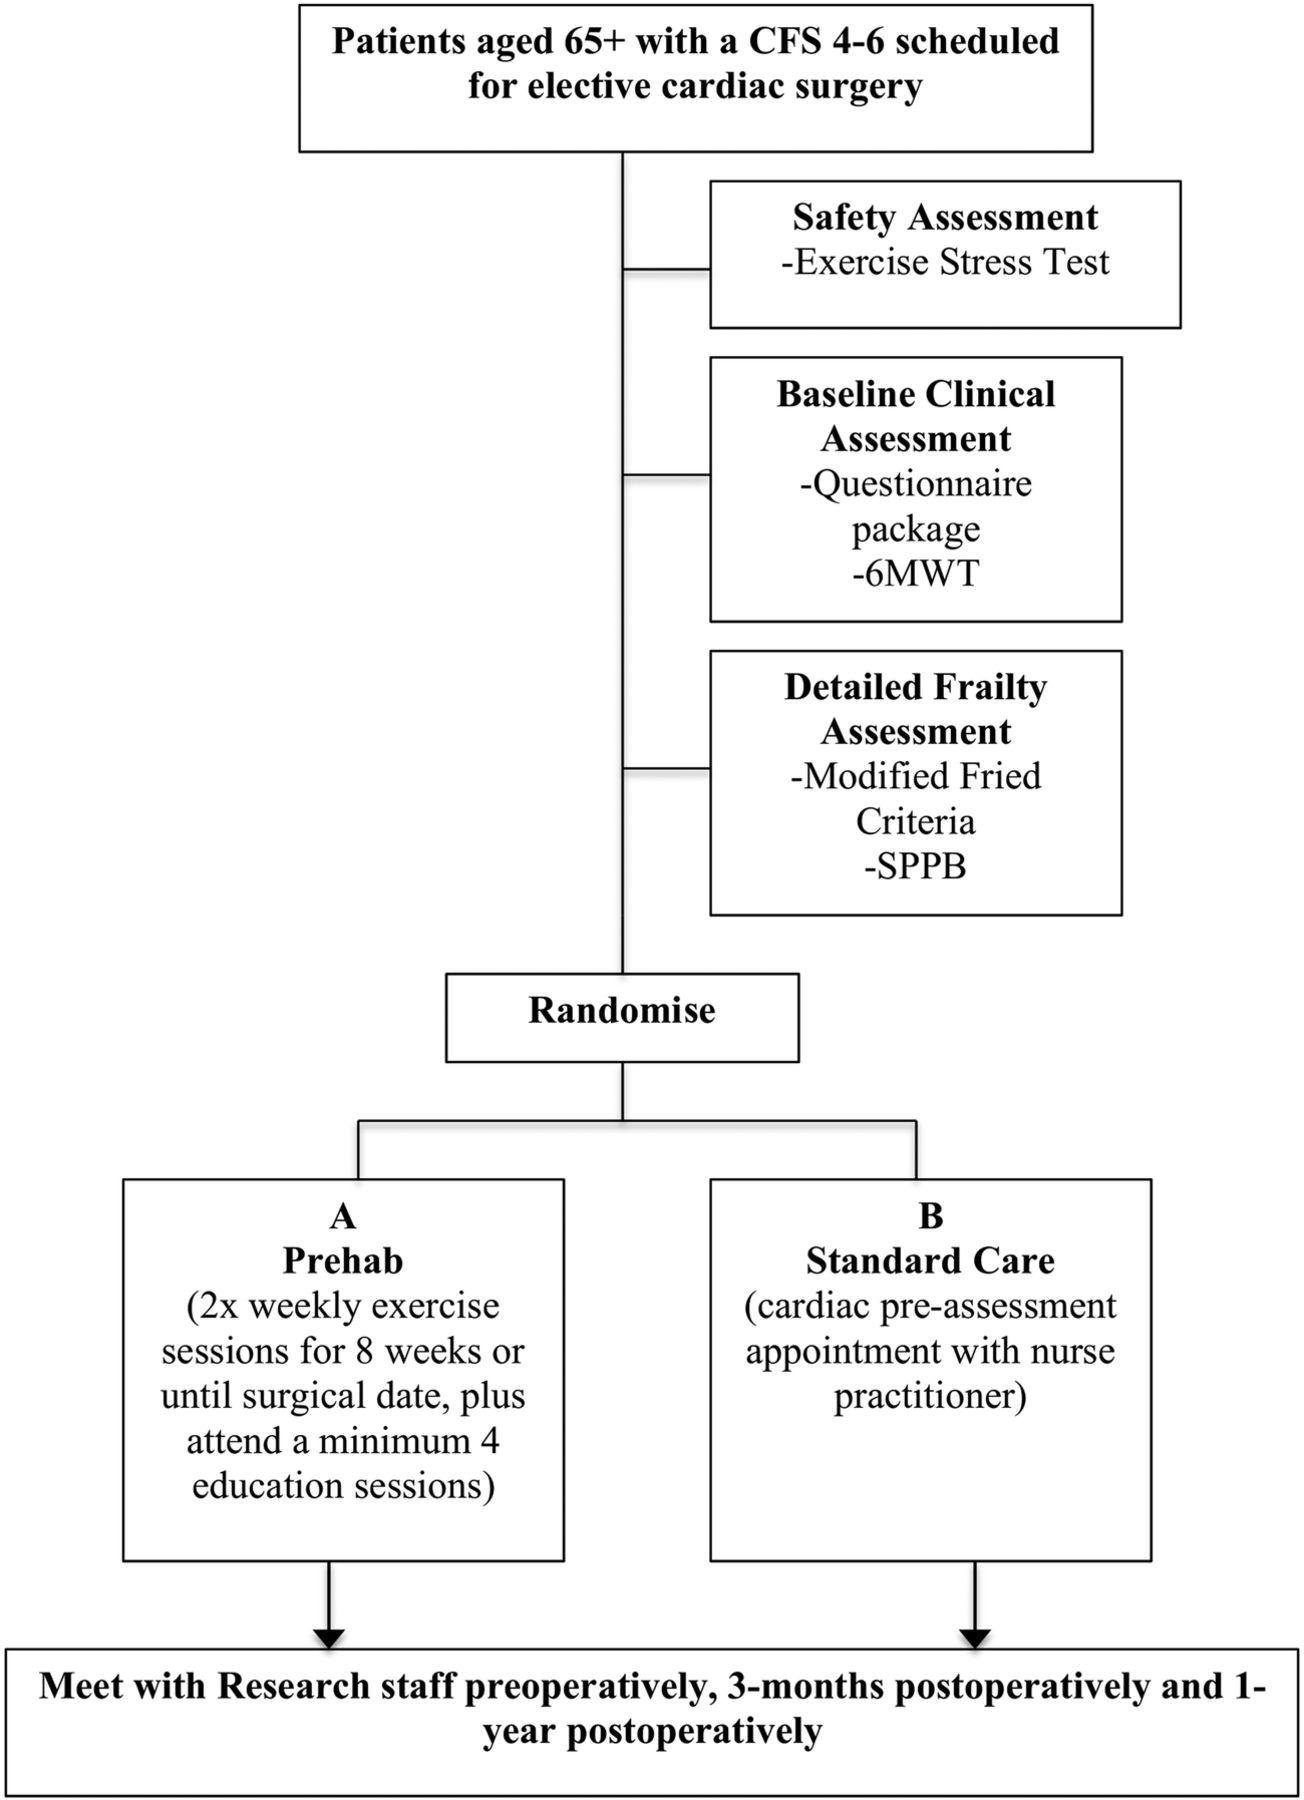 Stability study protocols